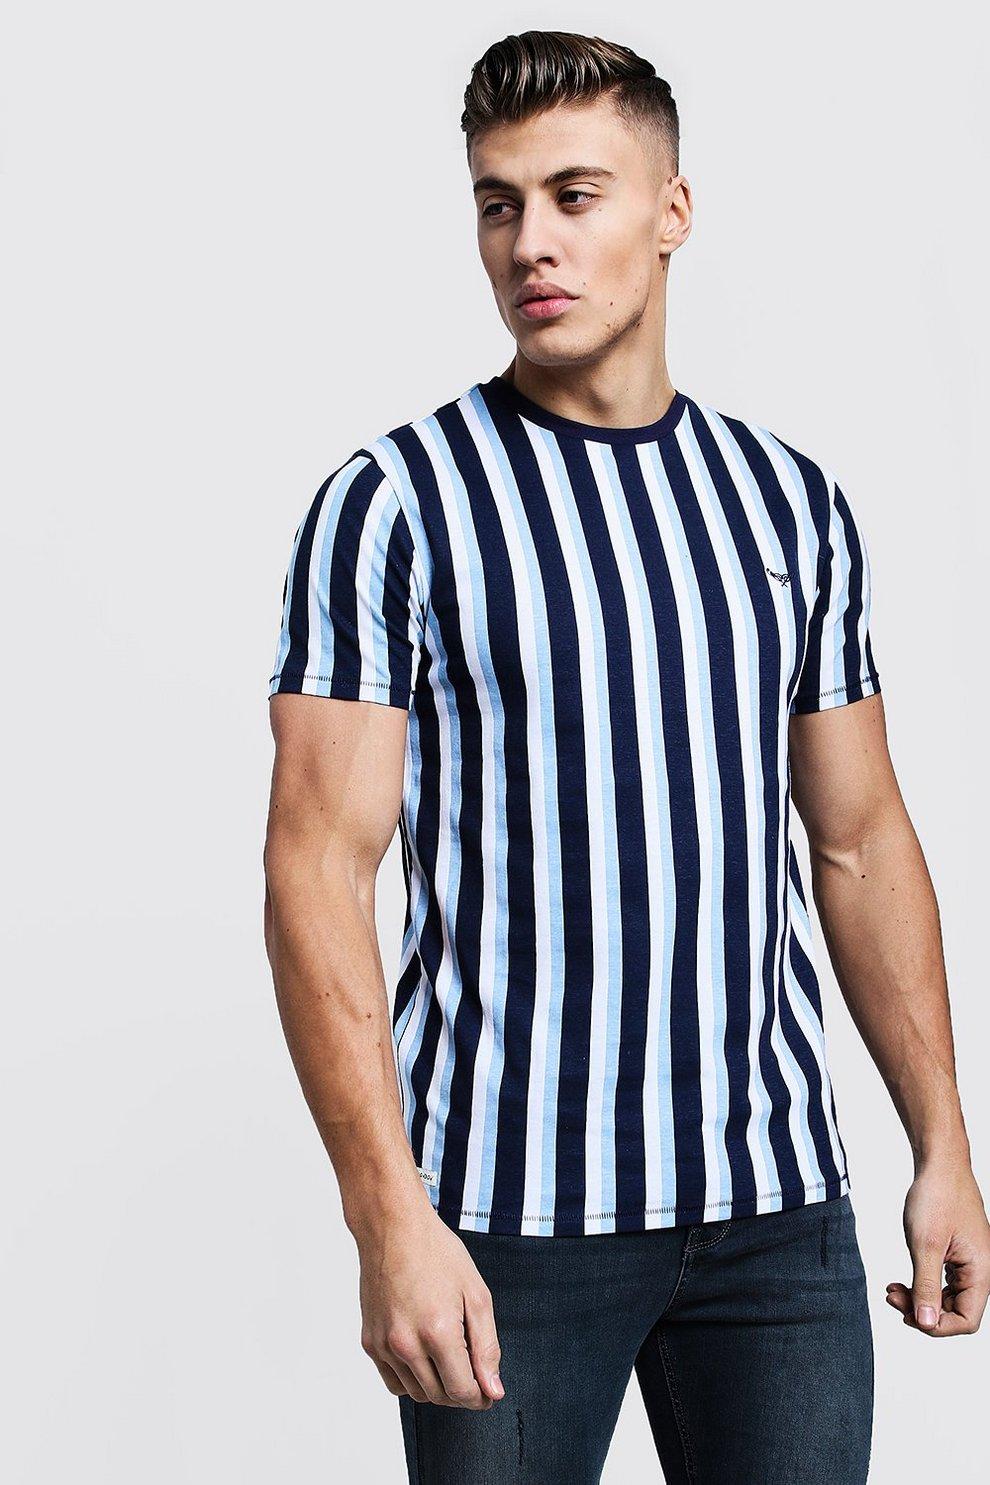 T Verticales T Rayures À Shirt gf6b7vYy